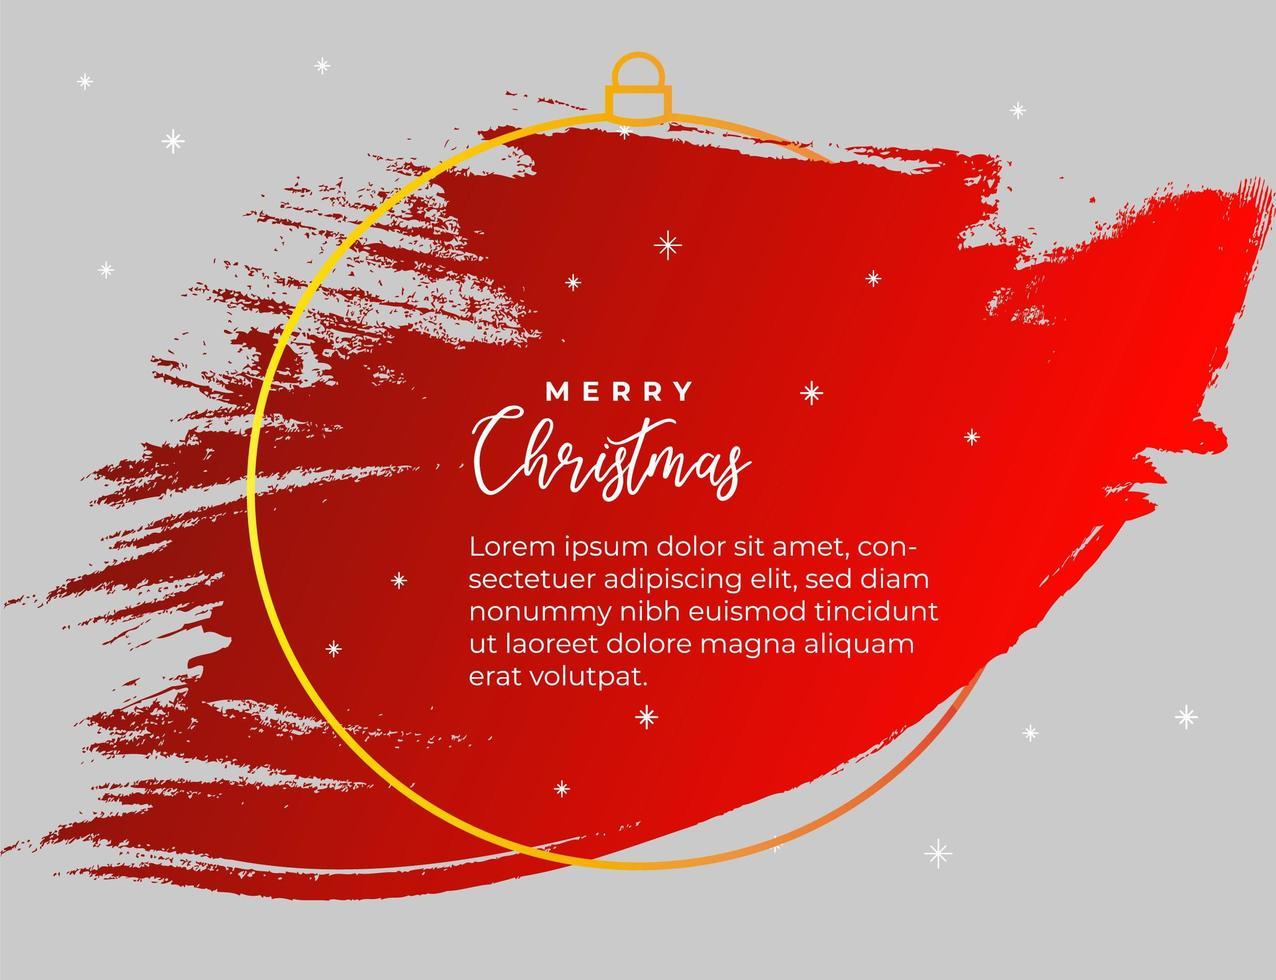 rode splash banner voor Kerstmis vector